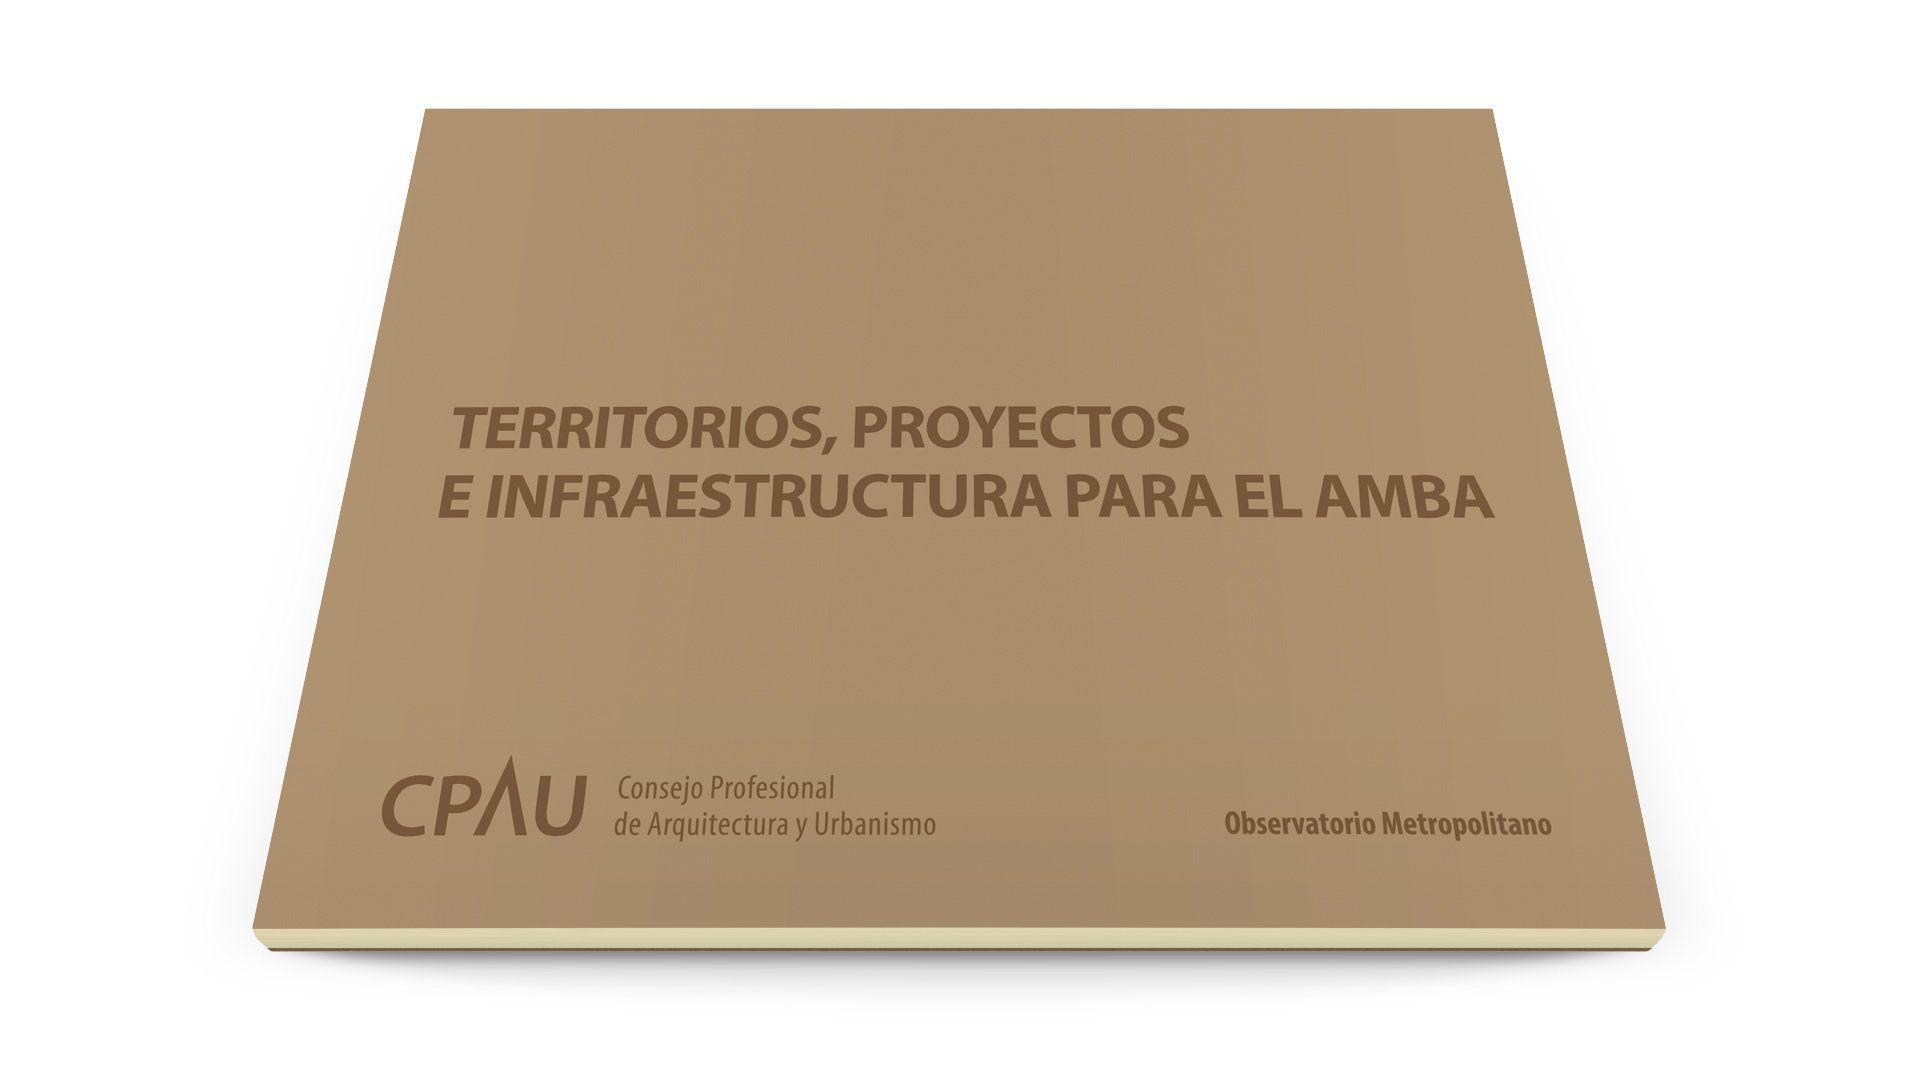 Territorios, Proyectos e Infraestructura para el AMBA